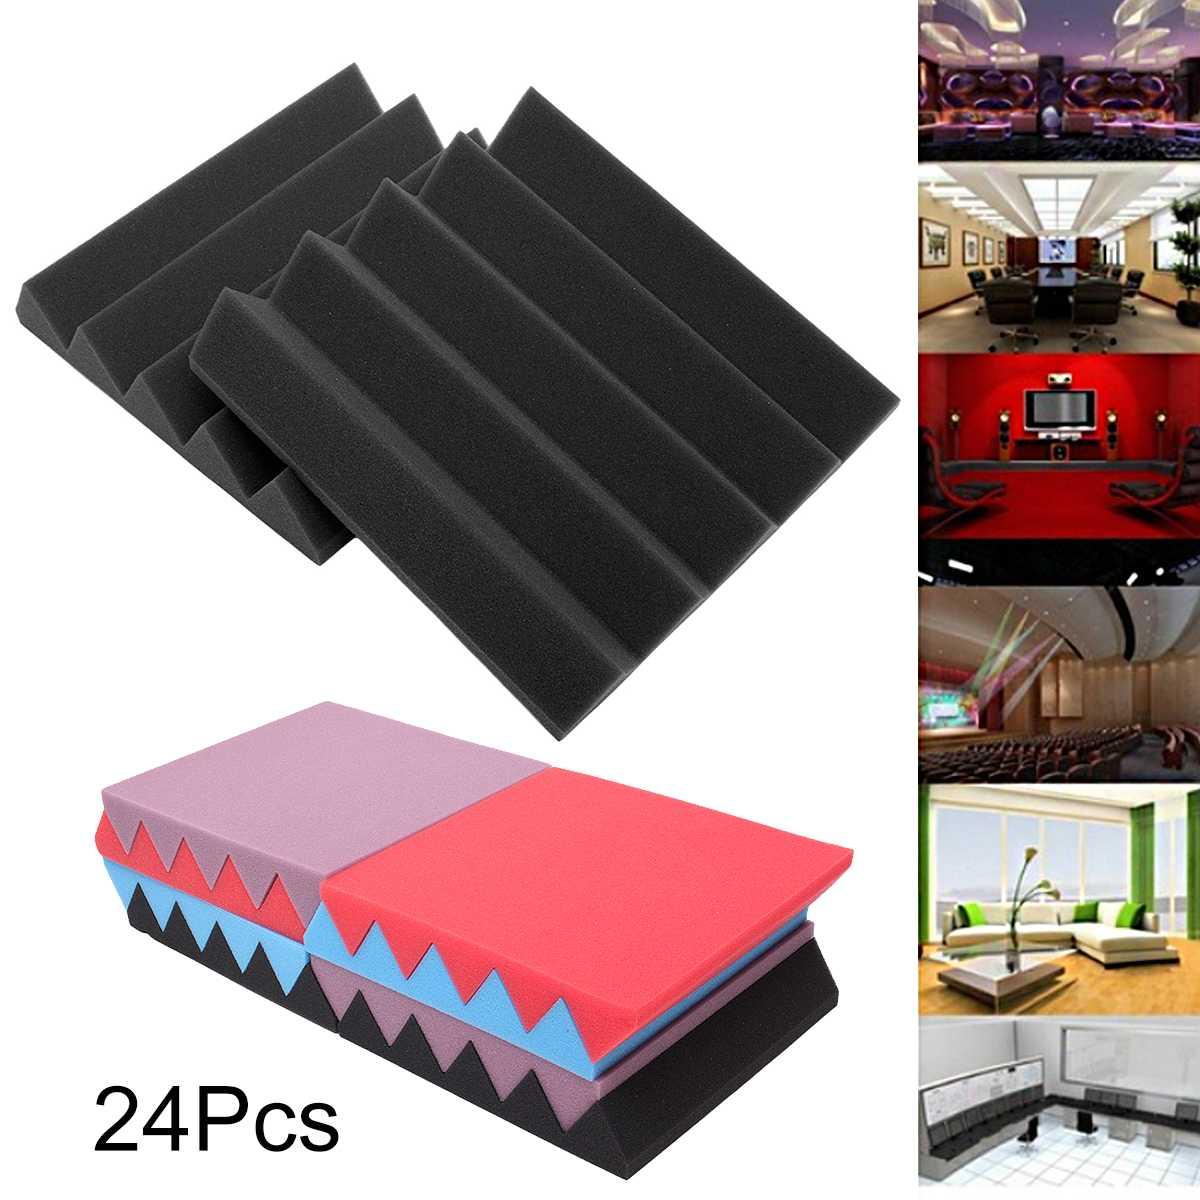 24pcs 25x25x5cm Soundproofing Foam Studio Acoustic Wedges Foam Tiles Sound Absorption Panels Studio Voice Speaker Accessories